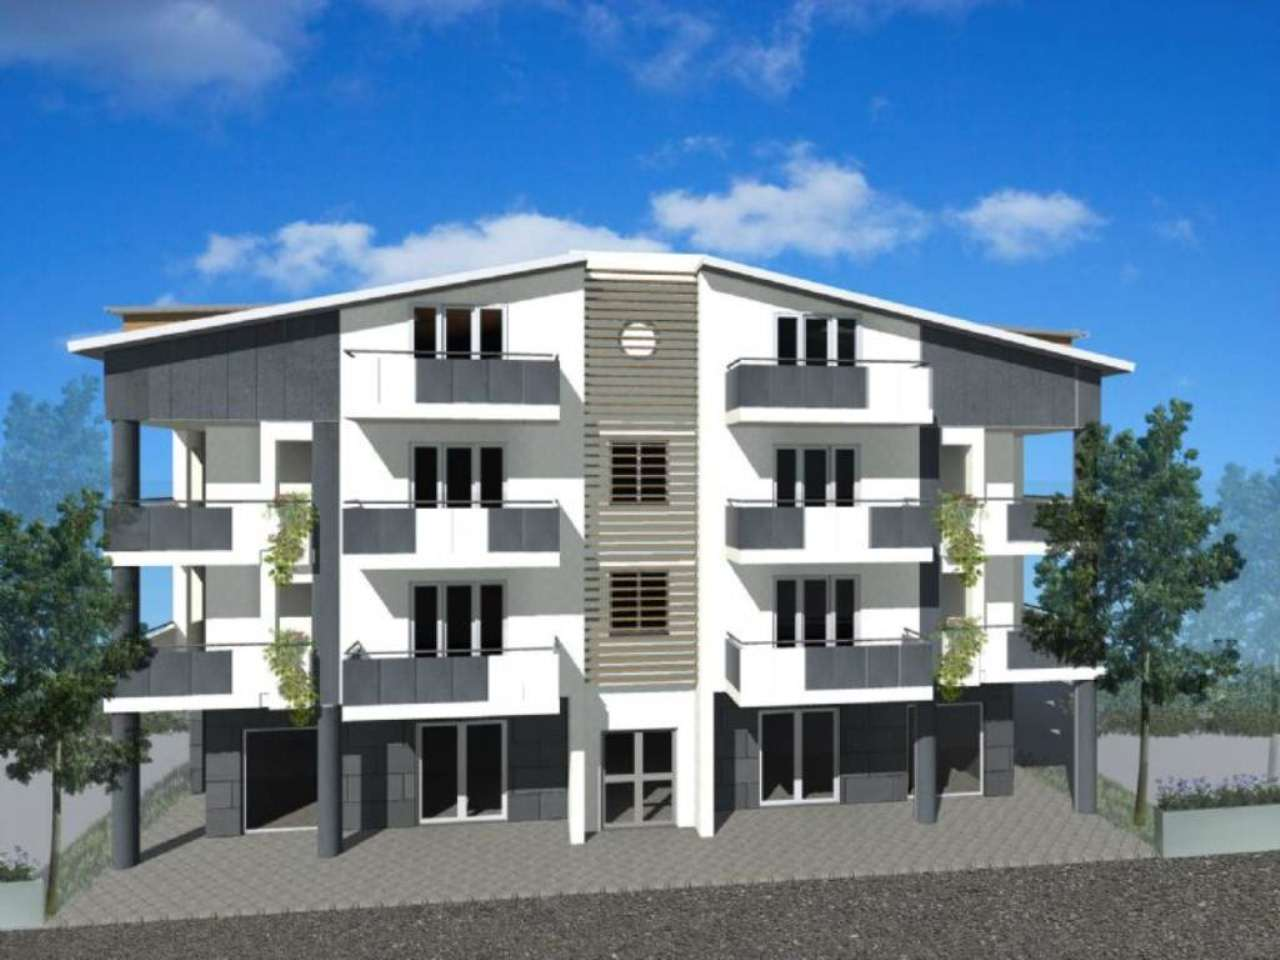 Appartamento in vendita a Mugnano di Napoli, 3 locali, prezzo € 180.000 | CambioCasa.it